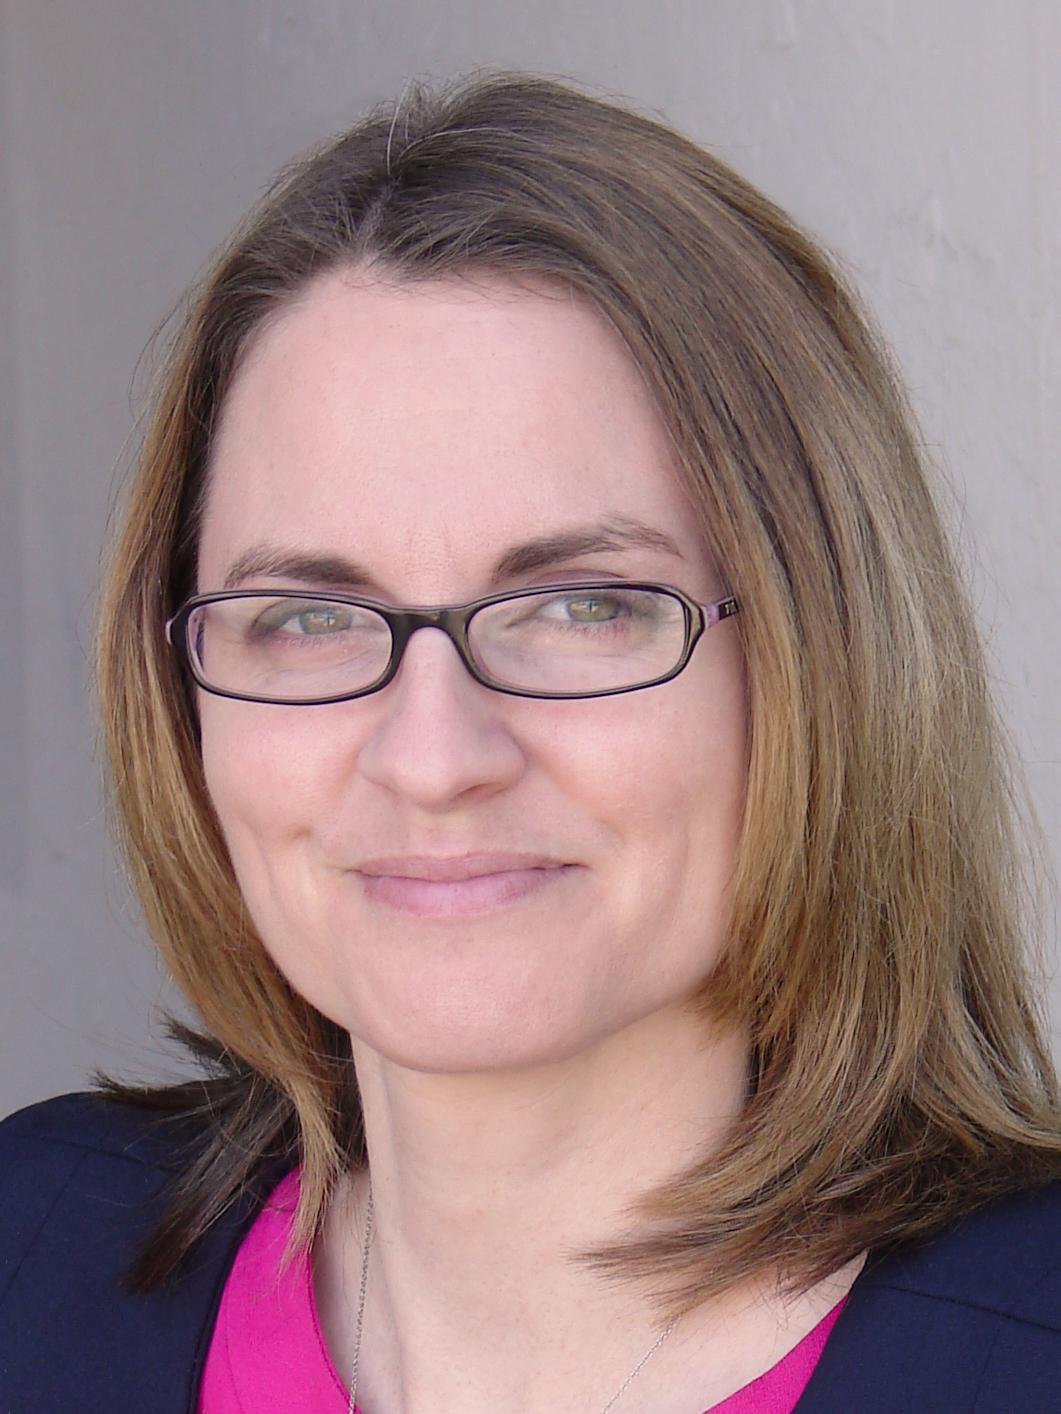 Dev Davis - San Jose Councilwoman